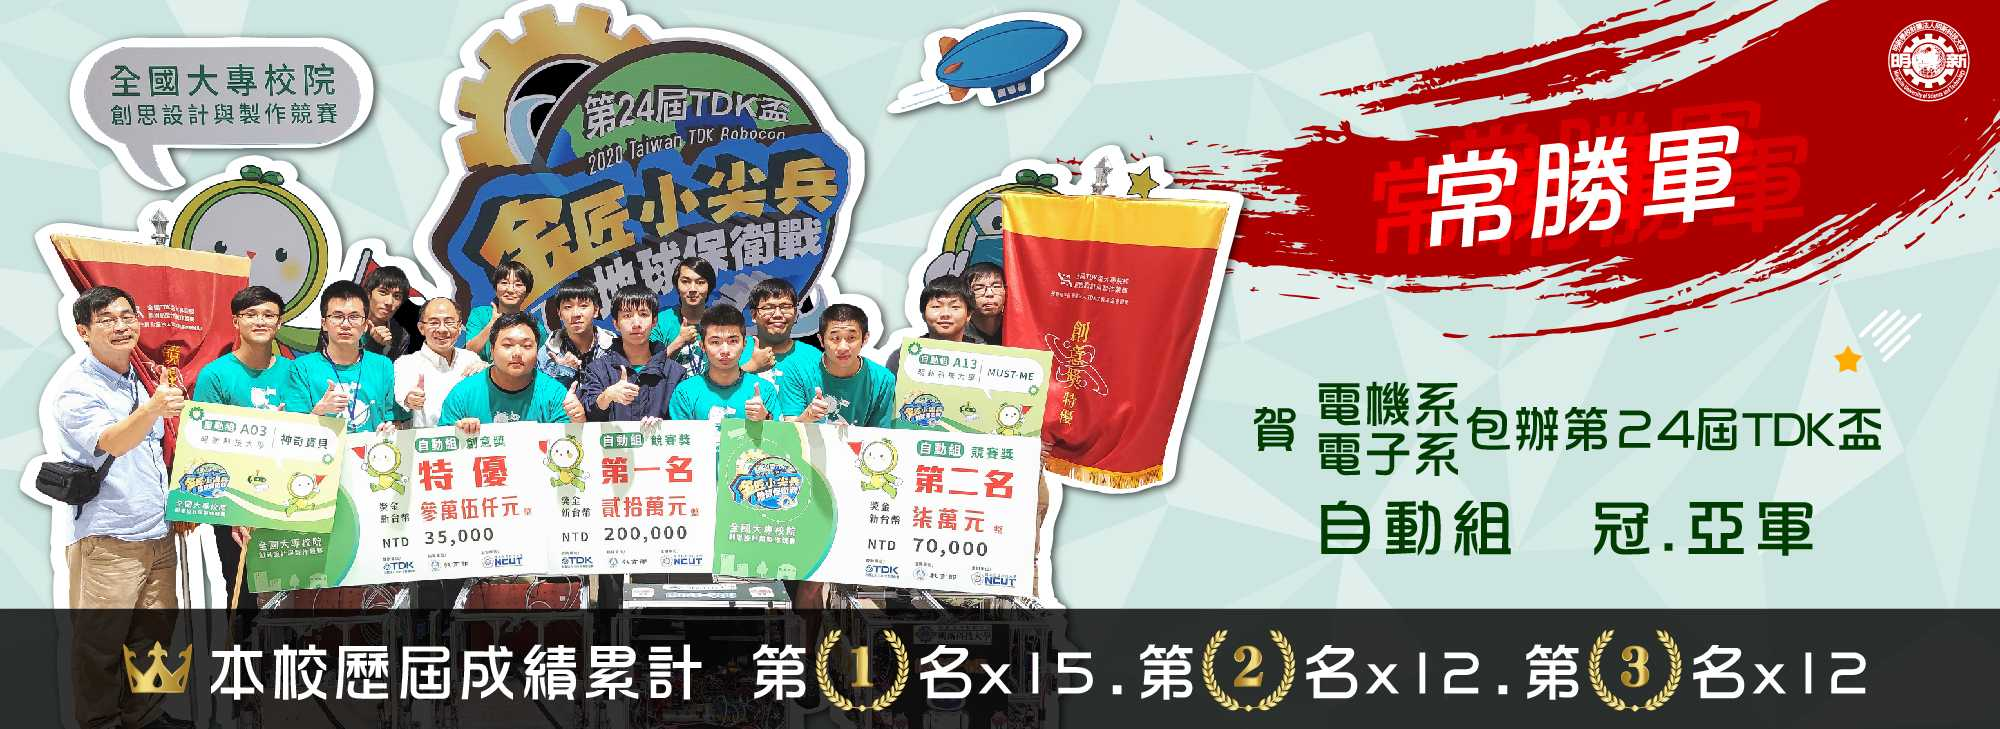 20201119 校首頁 第24屆TDK盃競賽  明新科大包辦「自動組」冠、亞軍-02.jpg